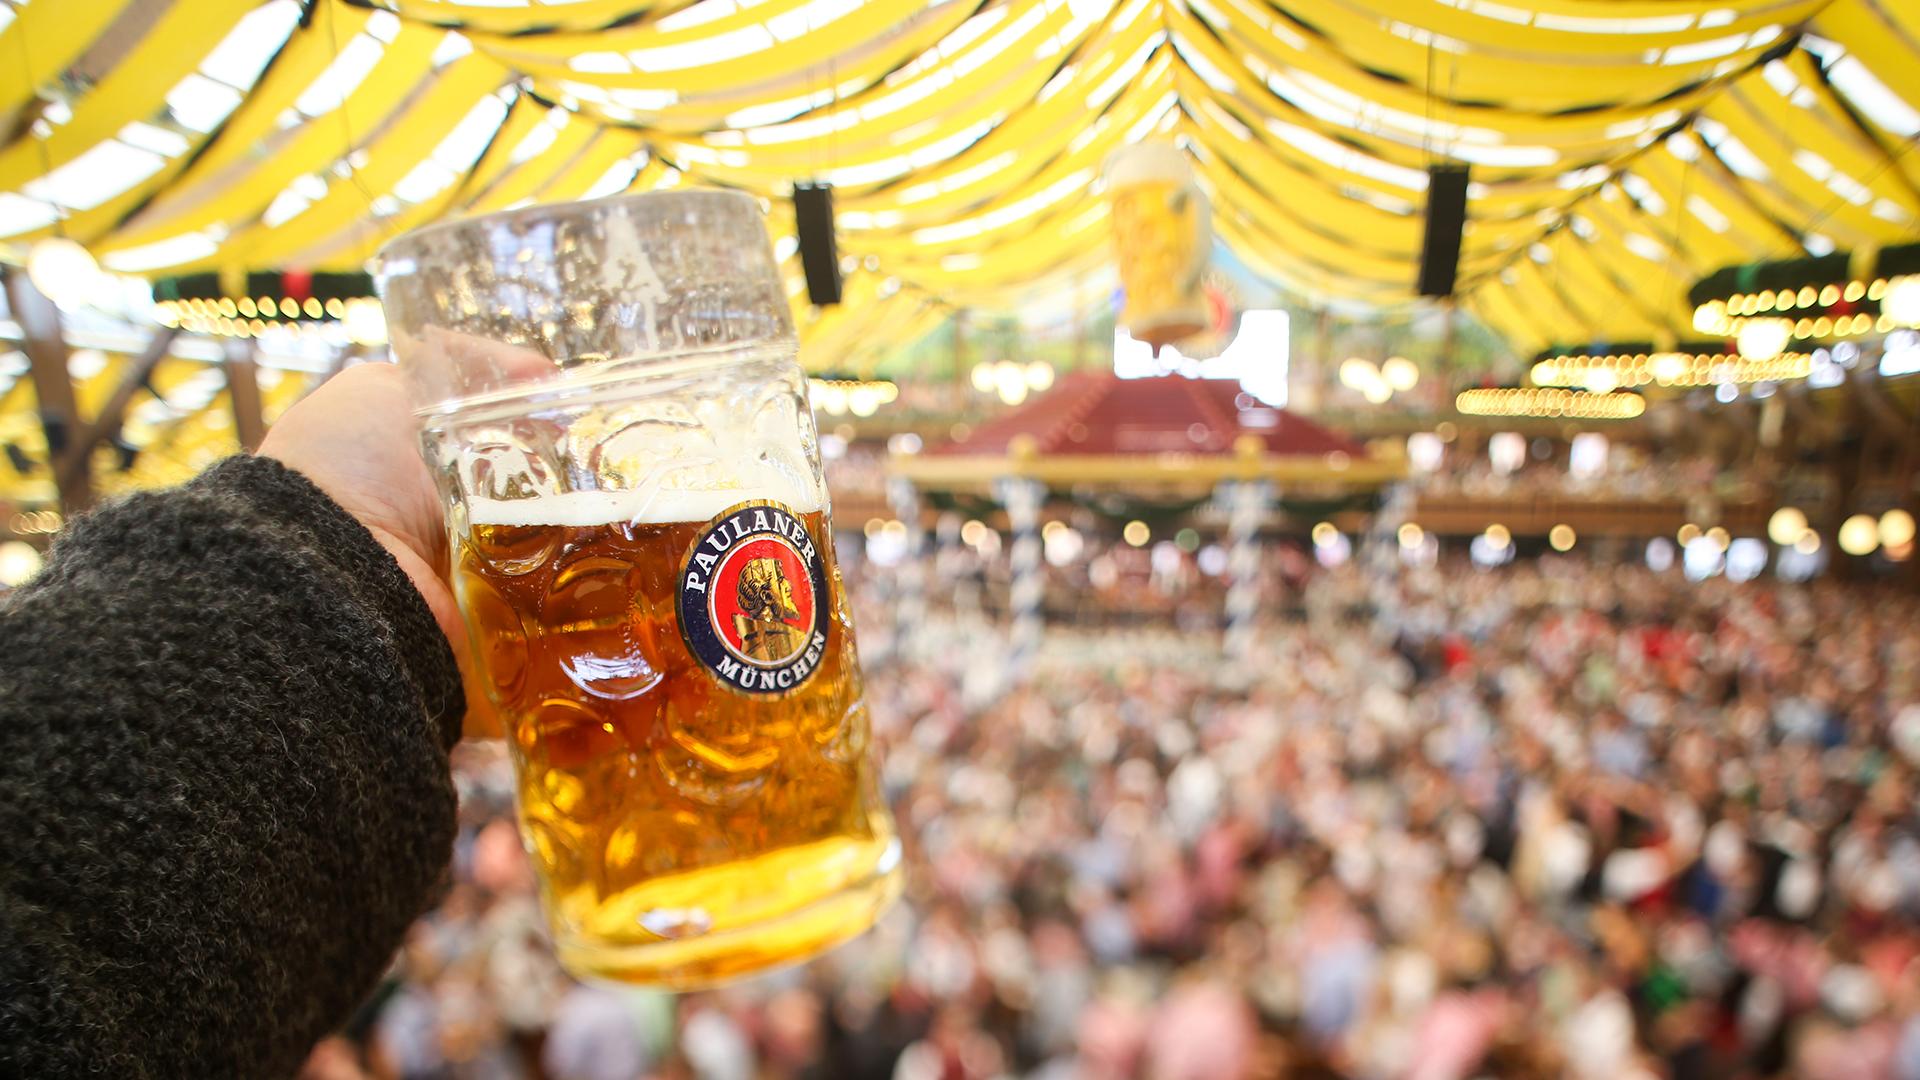 La Oktoberfest llenará de música en directo, gastronomía y cerveza el antiguo recinto de mercados de Castellón del 9 al 16 de octubre